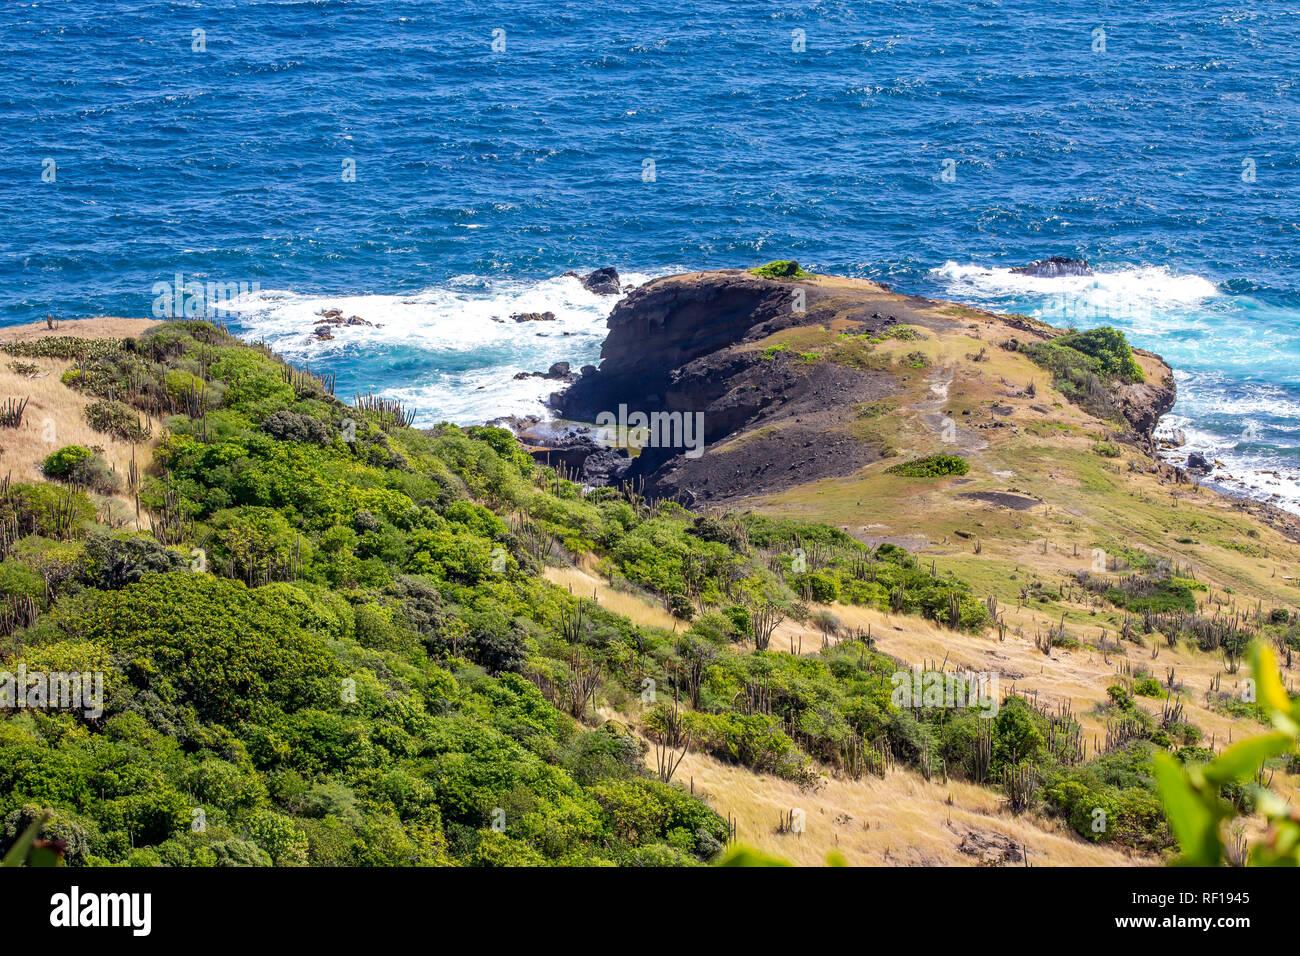 Castries Saint Lucia uno dell'Isola Windward nei Caraibi. Foto Stock